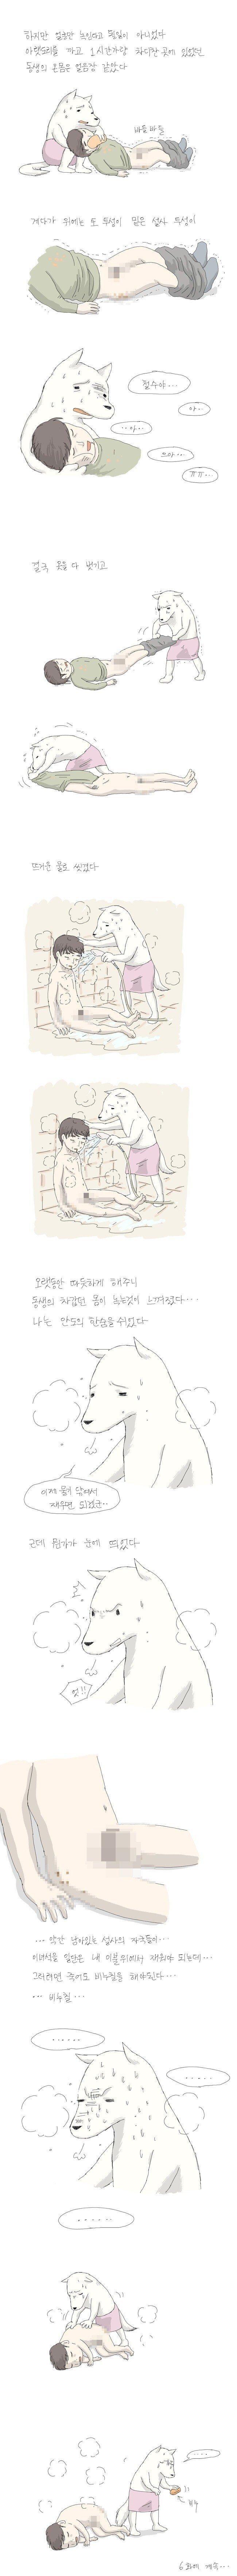 똥싼후배만화 4.jpg [약혐,약후,스압] 자취방에서 똥 싼 남자후배 씻겨준 누나.manhwa